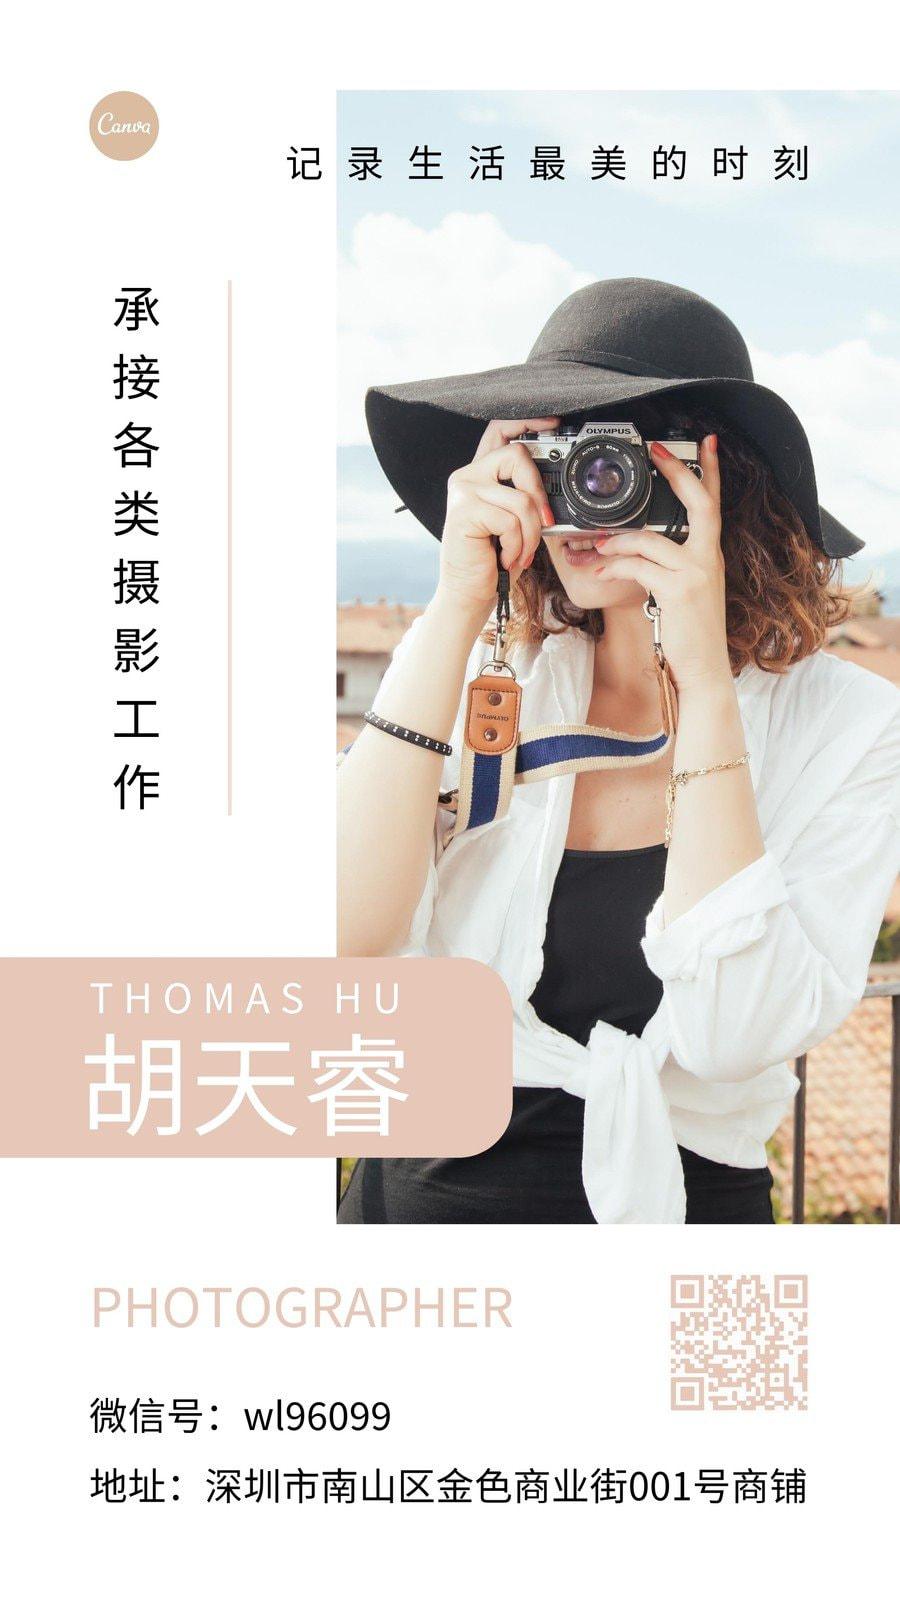 粉白色摄影师照片照片个人宣传中文电子名片